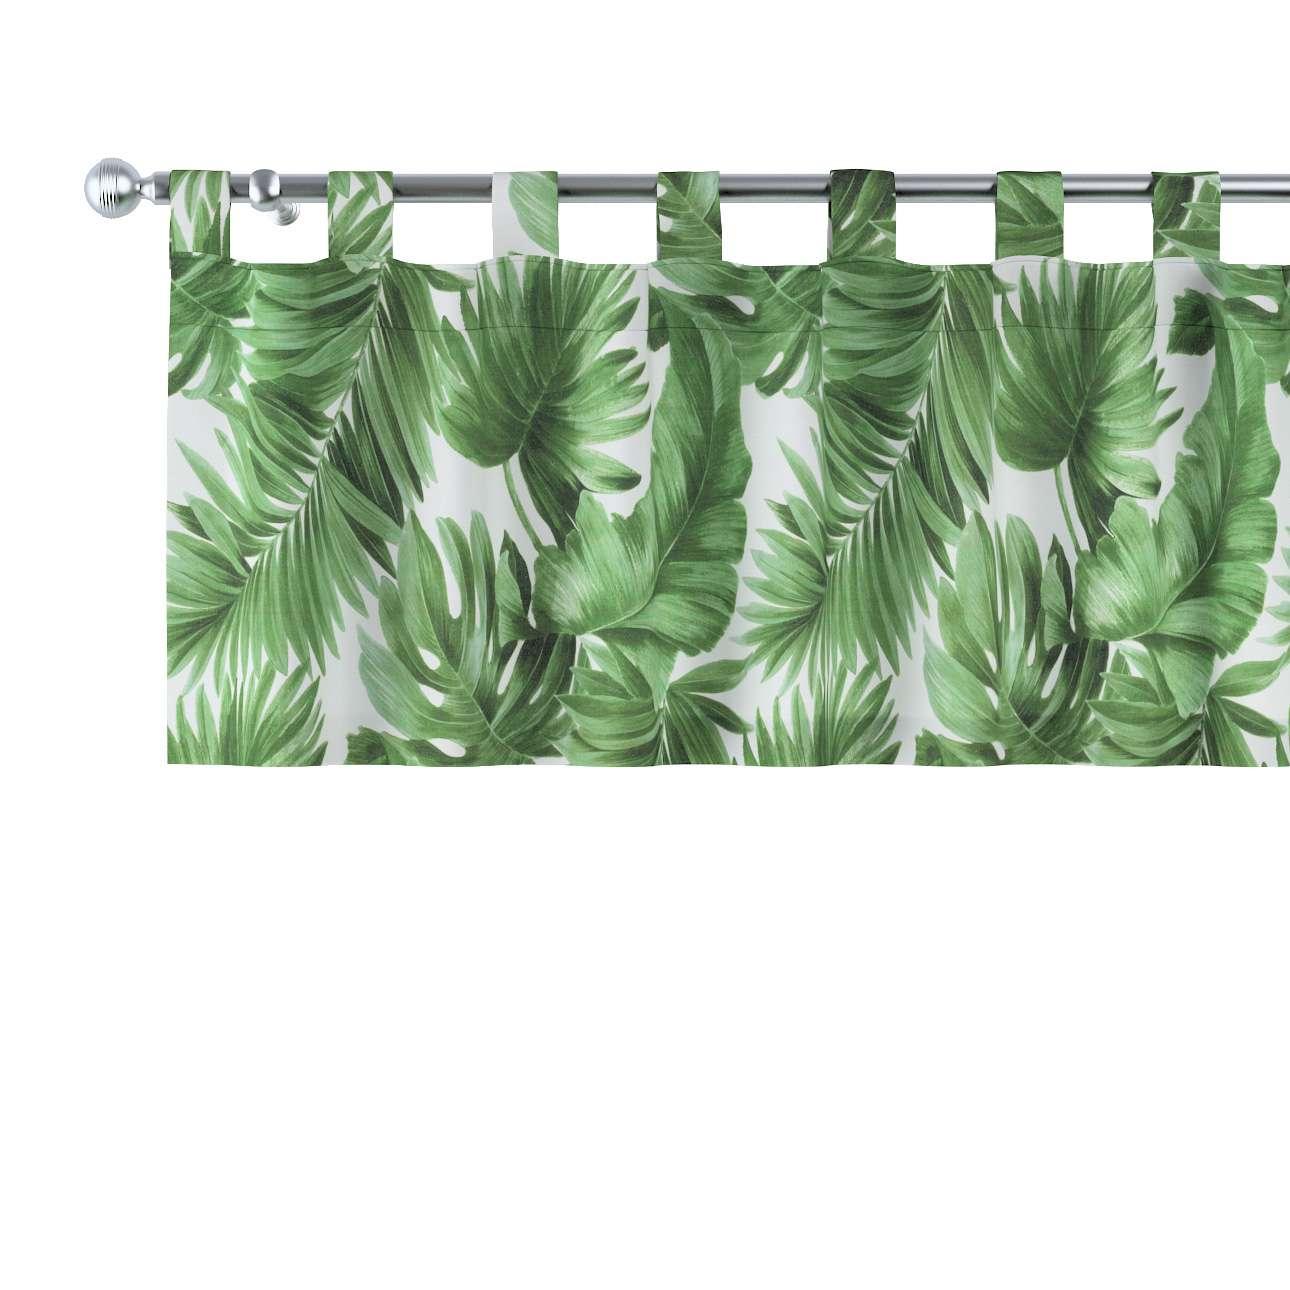 Gardinkappa med hällor 130 × 40 cm i kollektionen Urban Jungle, Tyg: 141-71